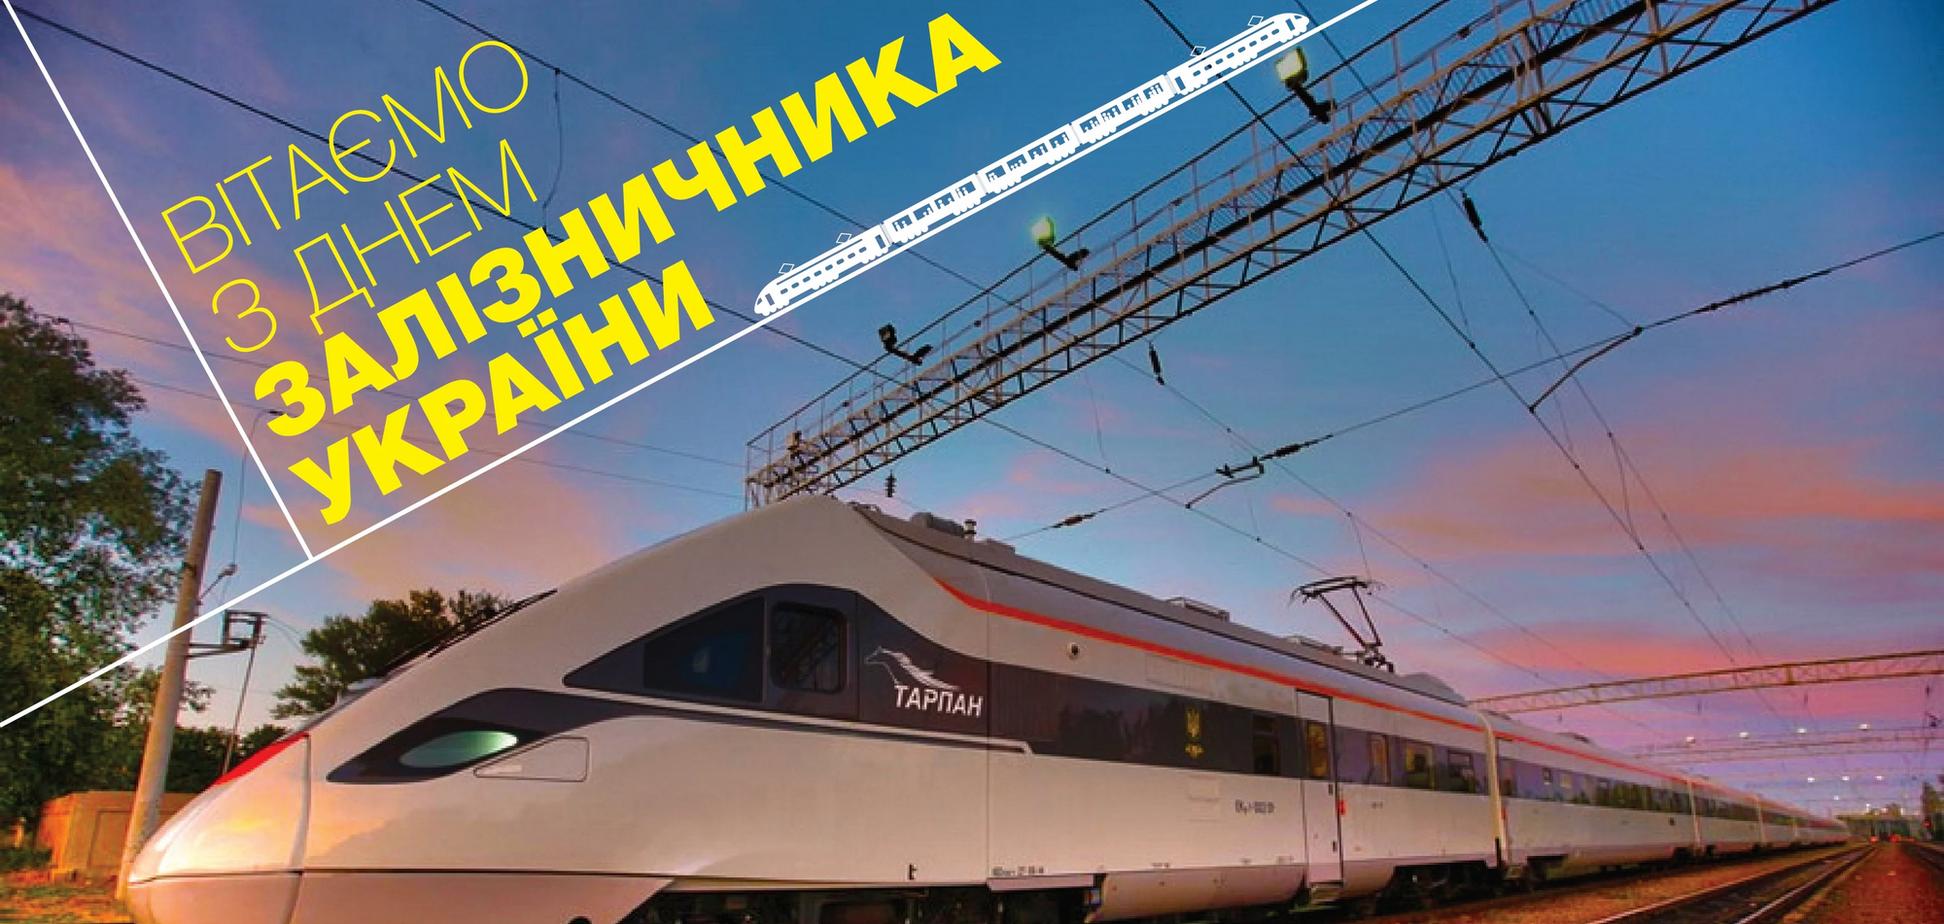 День железнодорожника отмечается 4 ноября